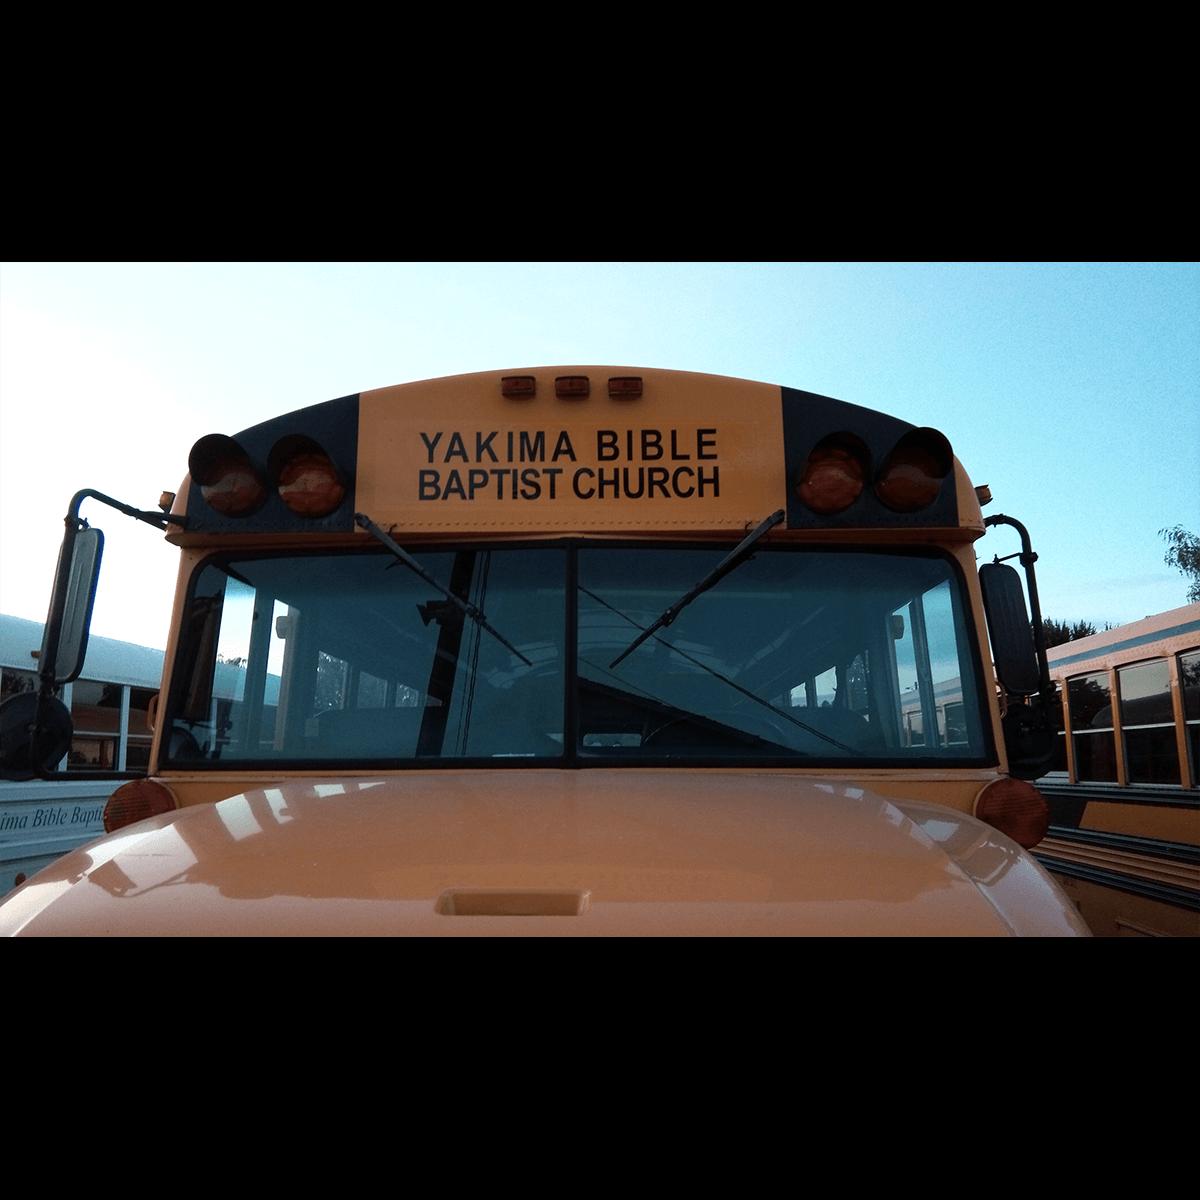 Yakima Bible Baptist Church